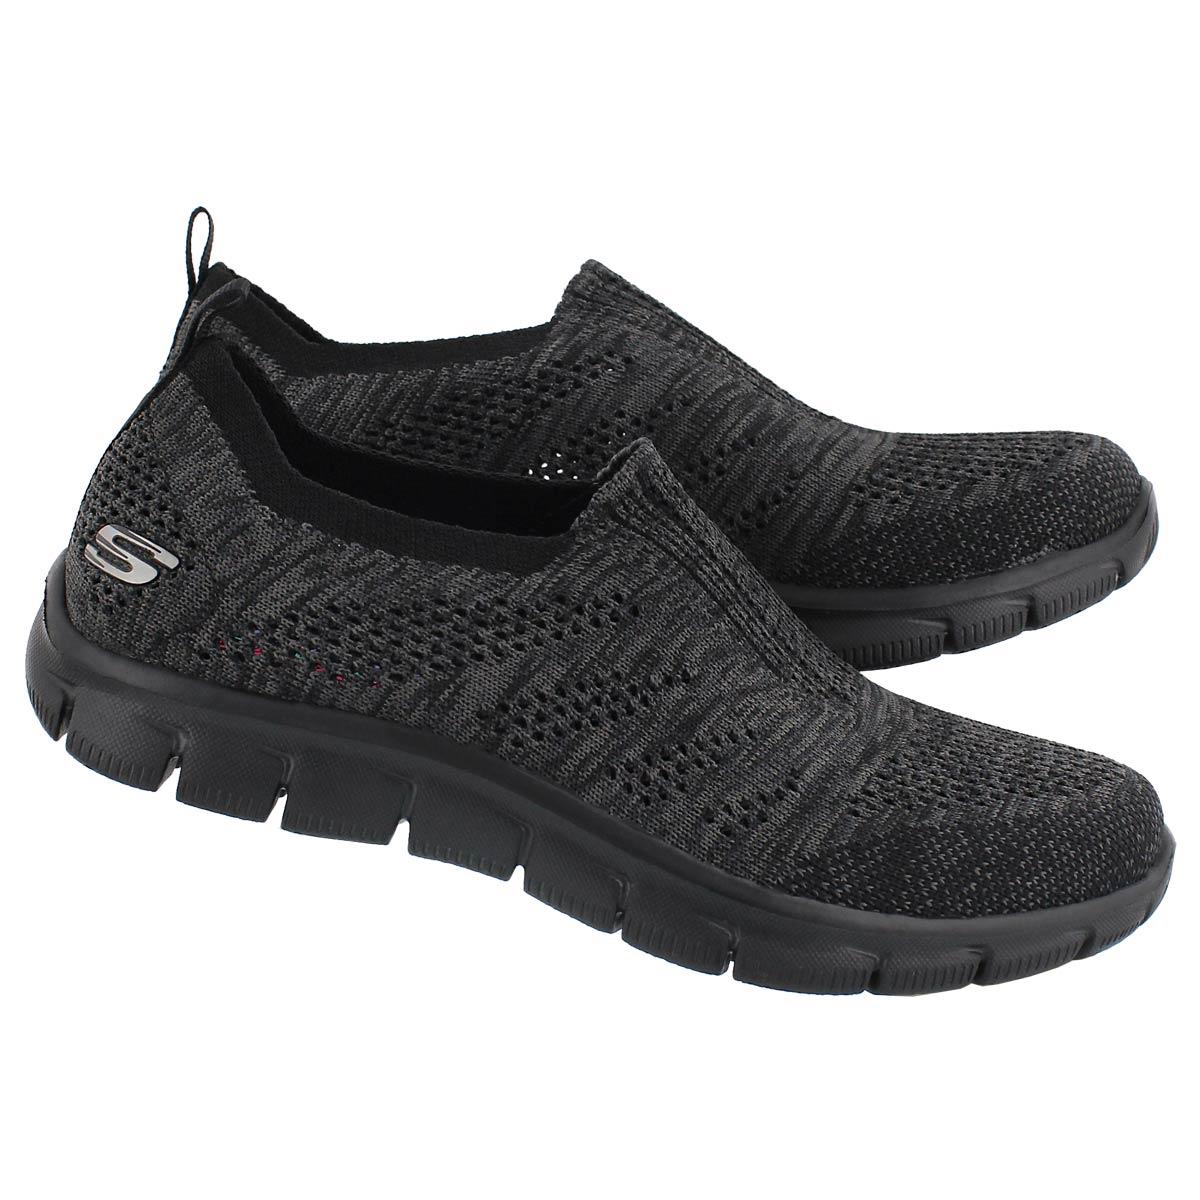 Lds Empire Inside Look blk slip on shoe